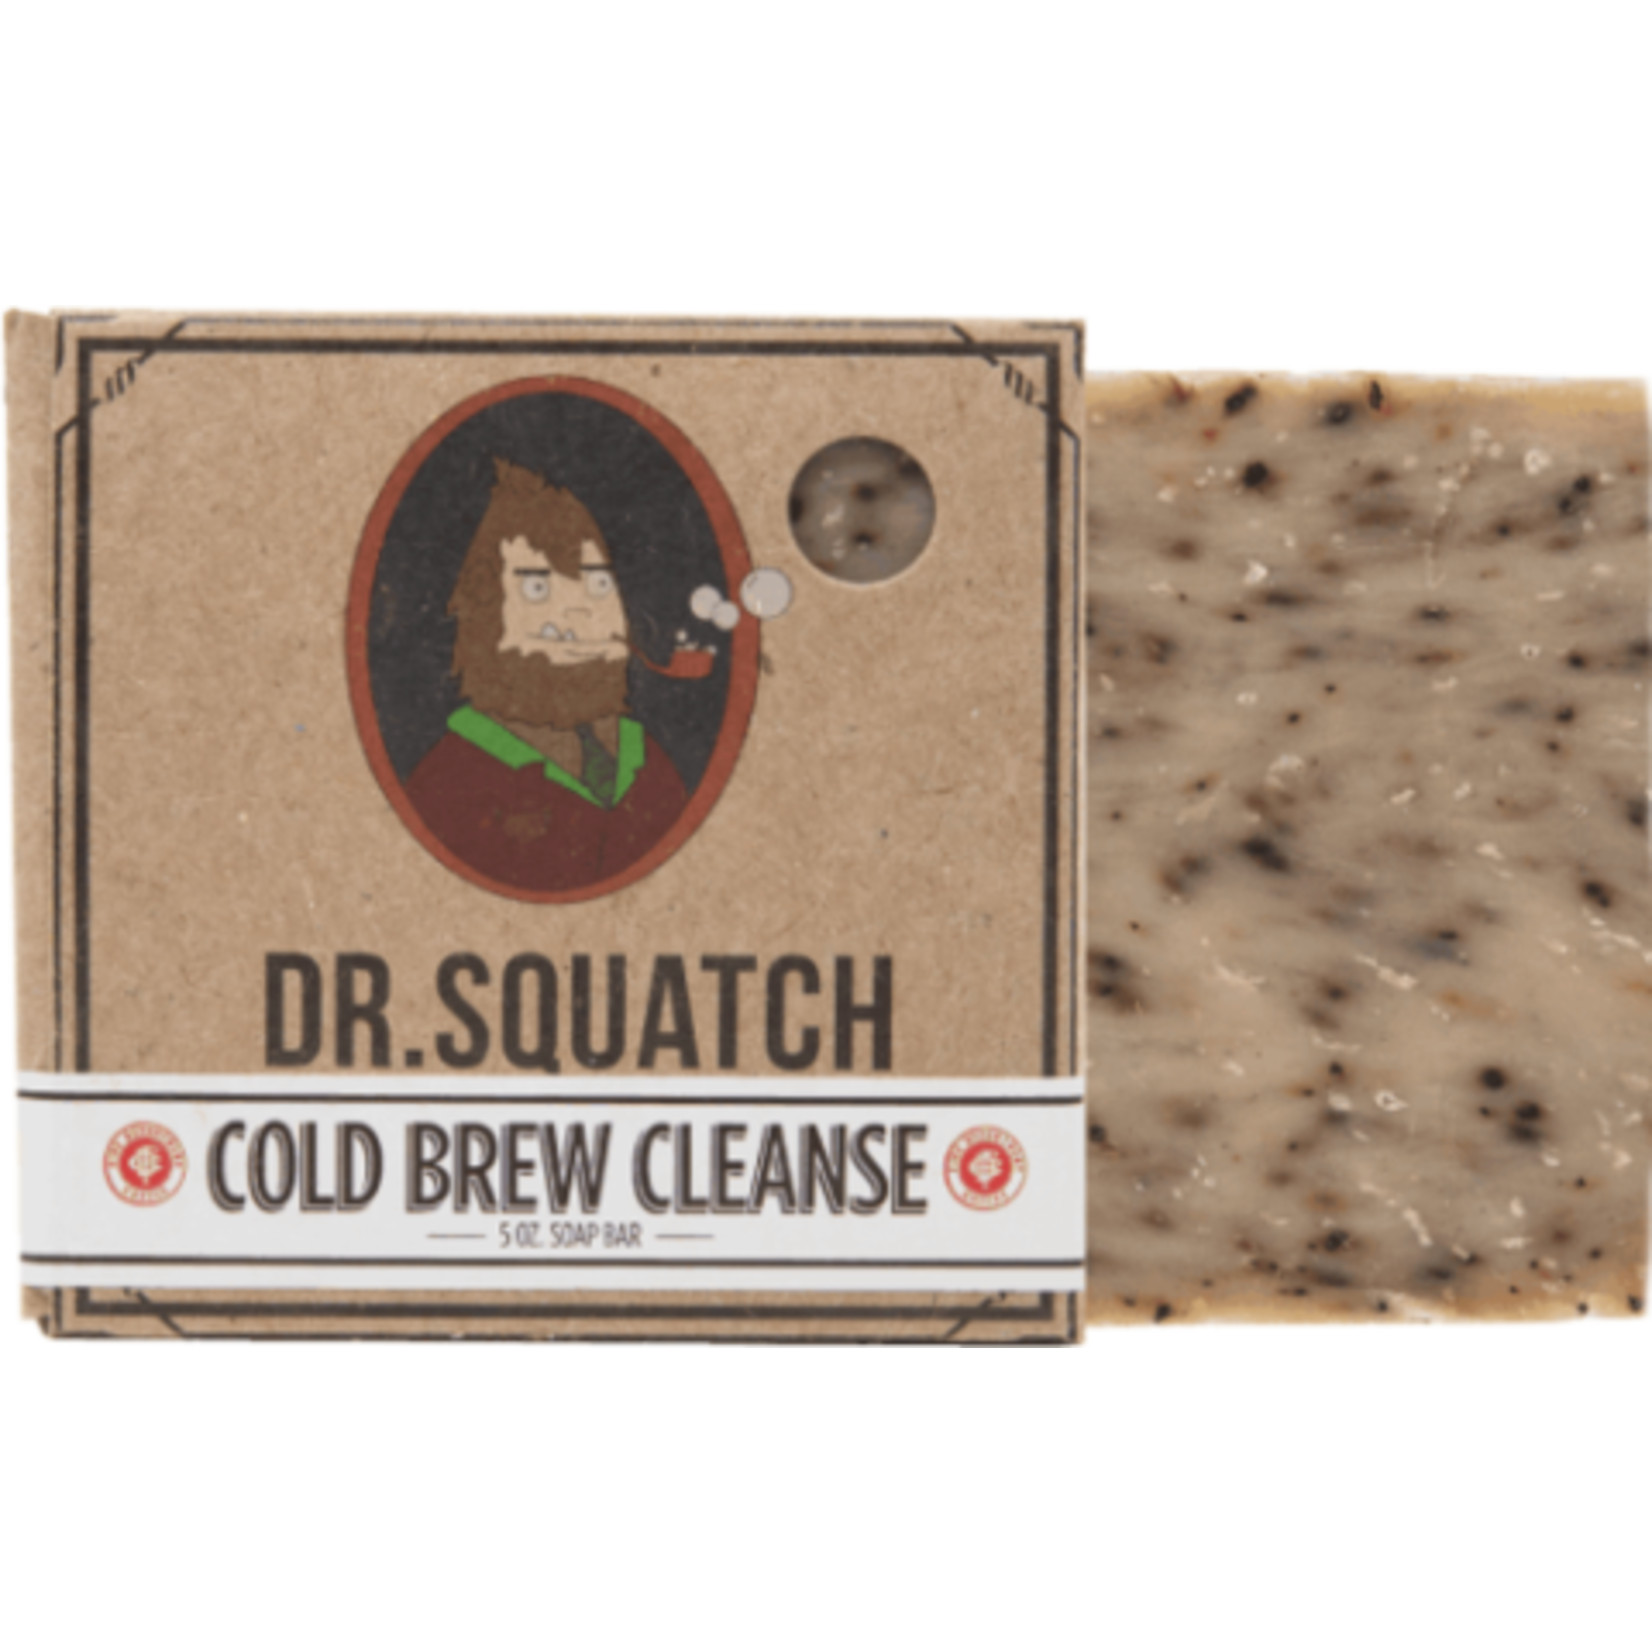 Dr Squatch Bar Soap 5 oz - Cold Brew Cleanse